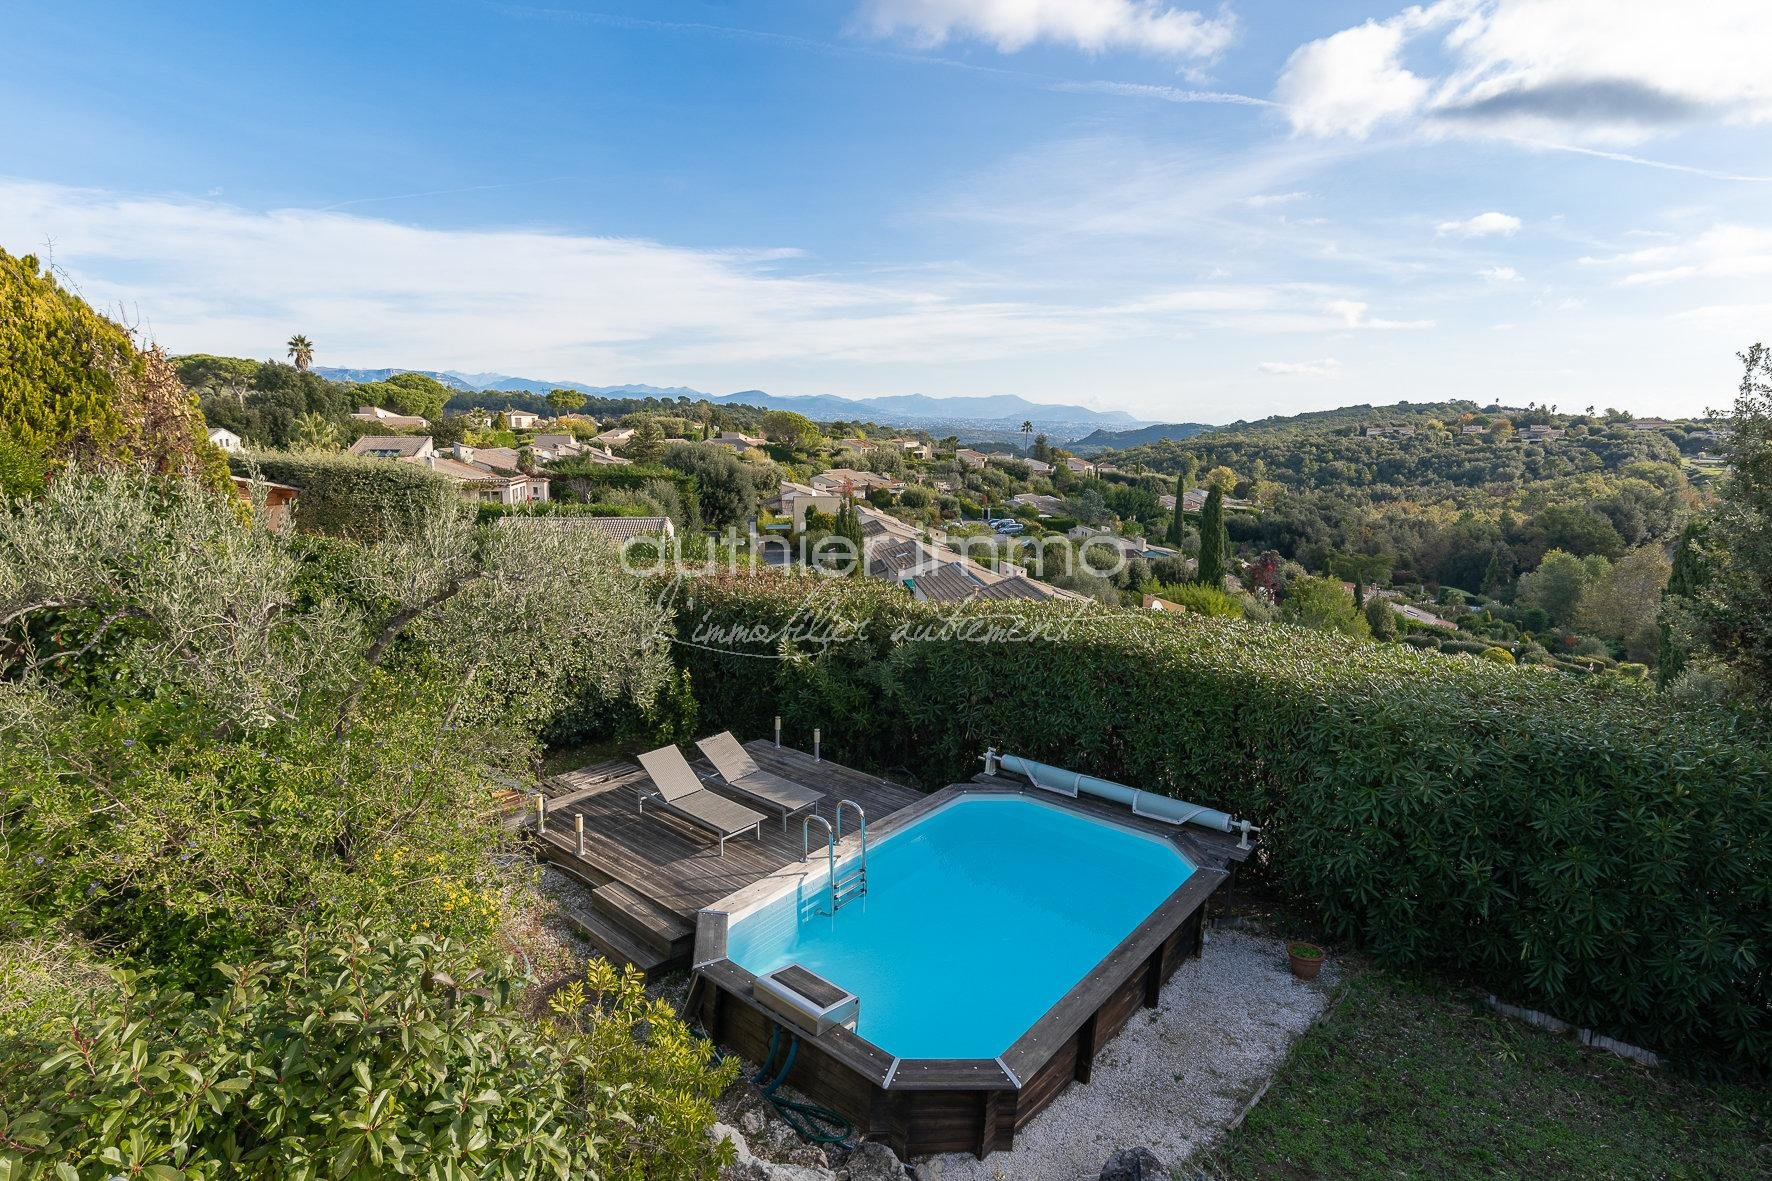 Vente Villa Individuelle Valbonne Val d'Azur